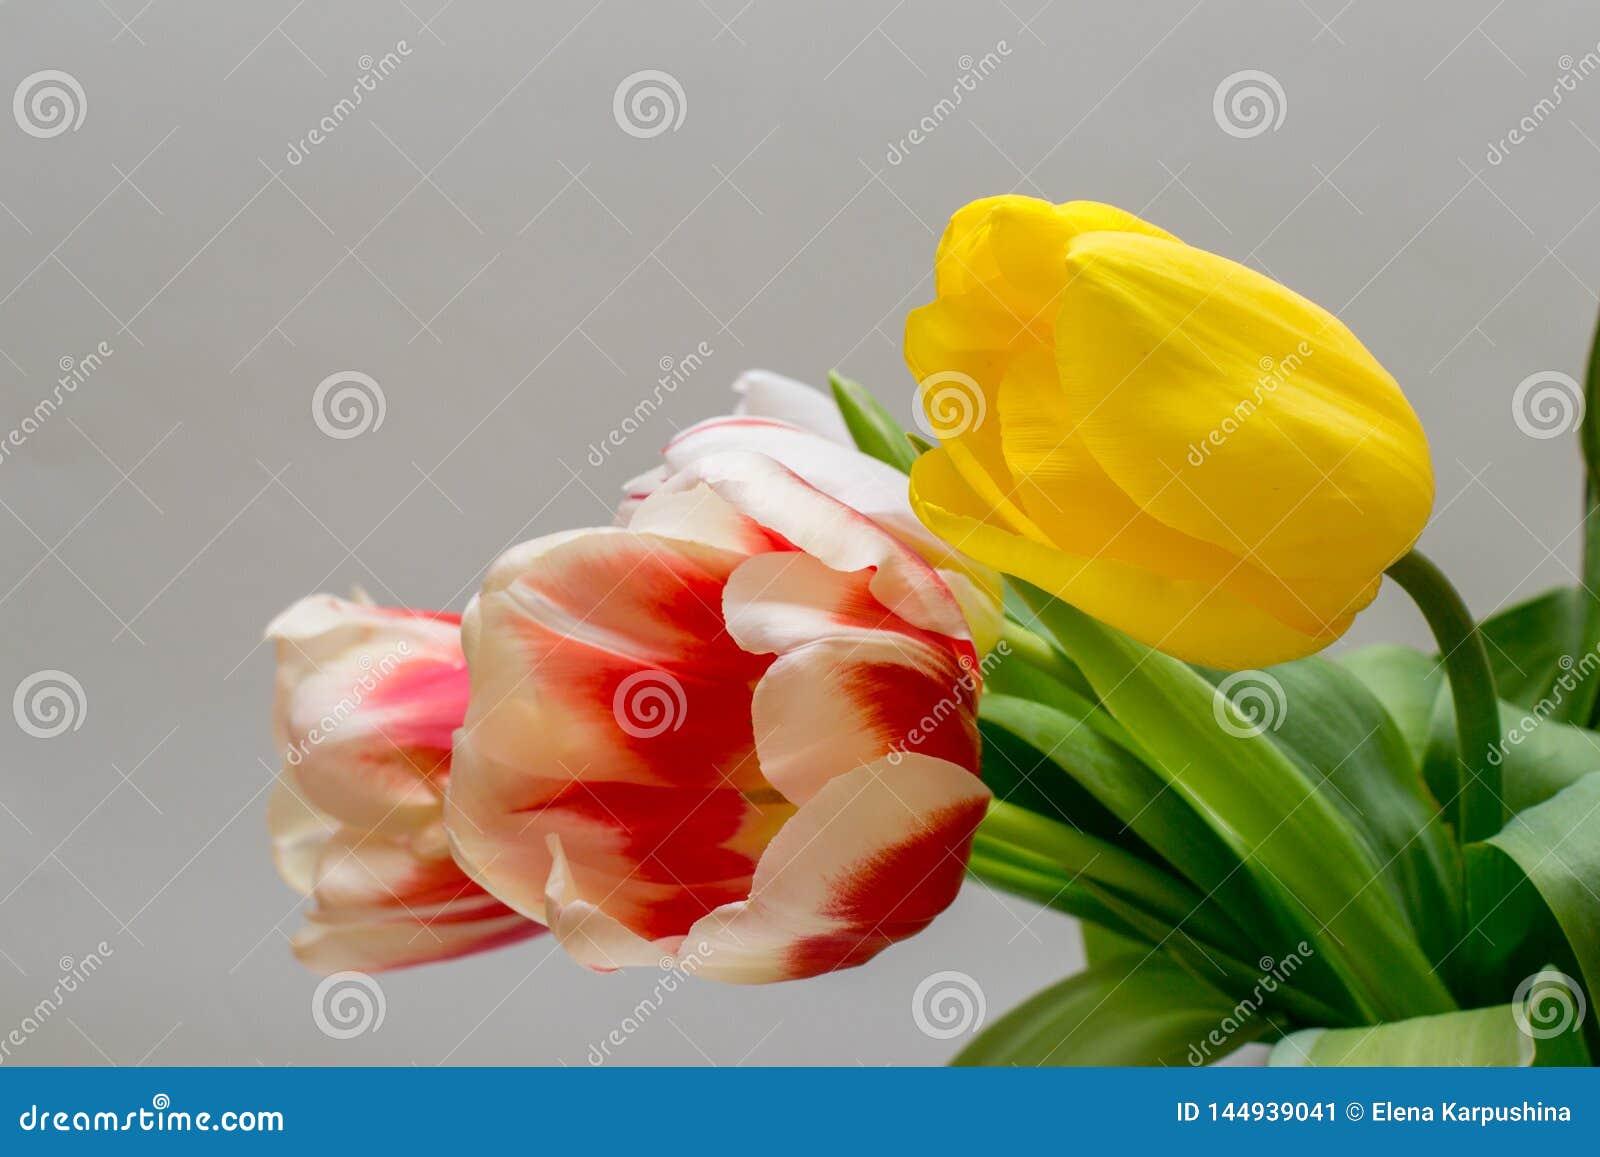 Blumenstrauß von schönen gelben und rot-weißen Tulpen